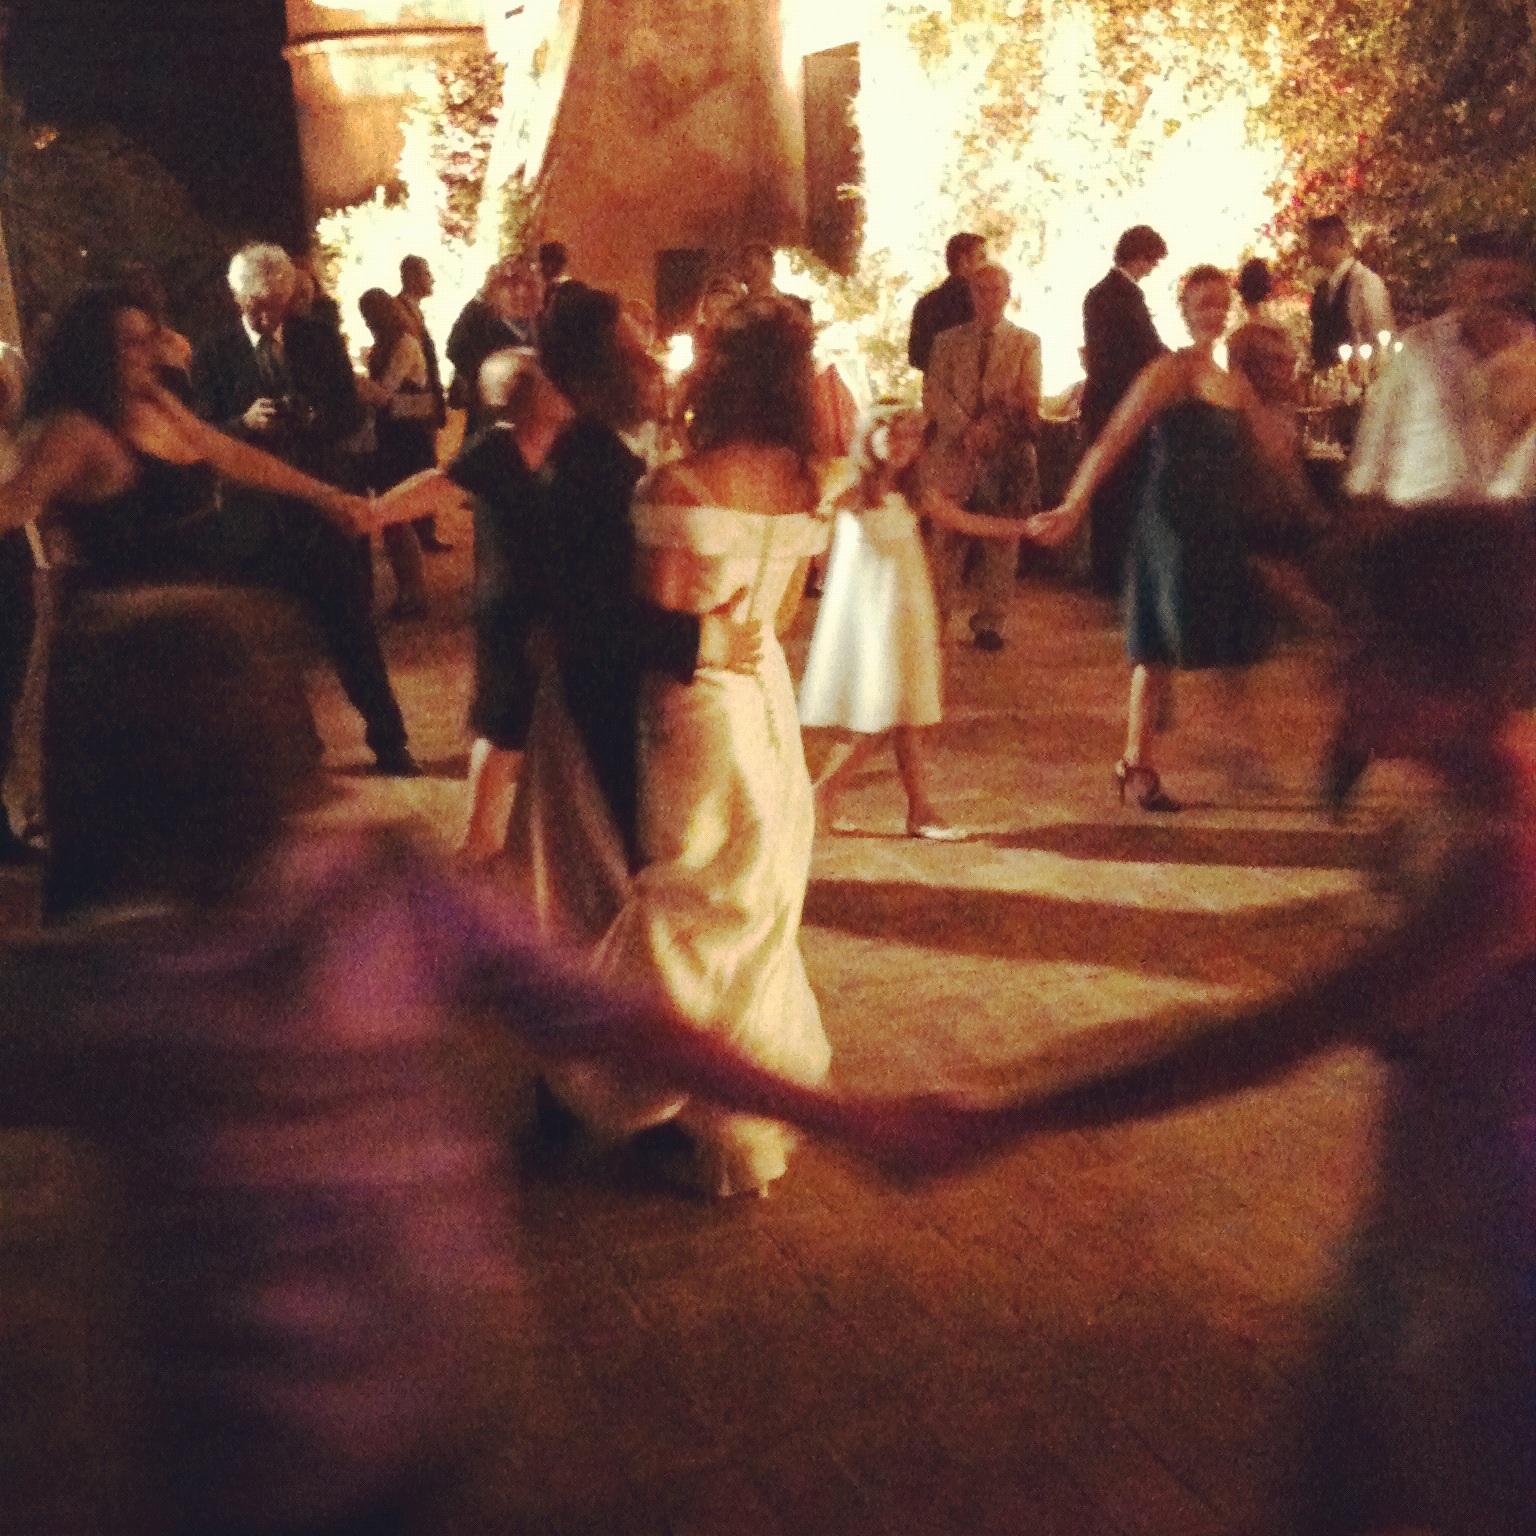 musicisti musica matrimonio ricevimento roma ballo degli sposi